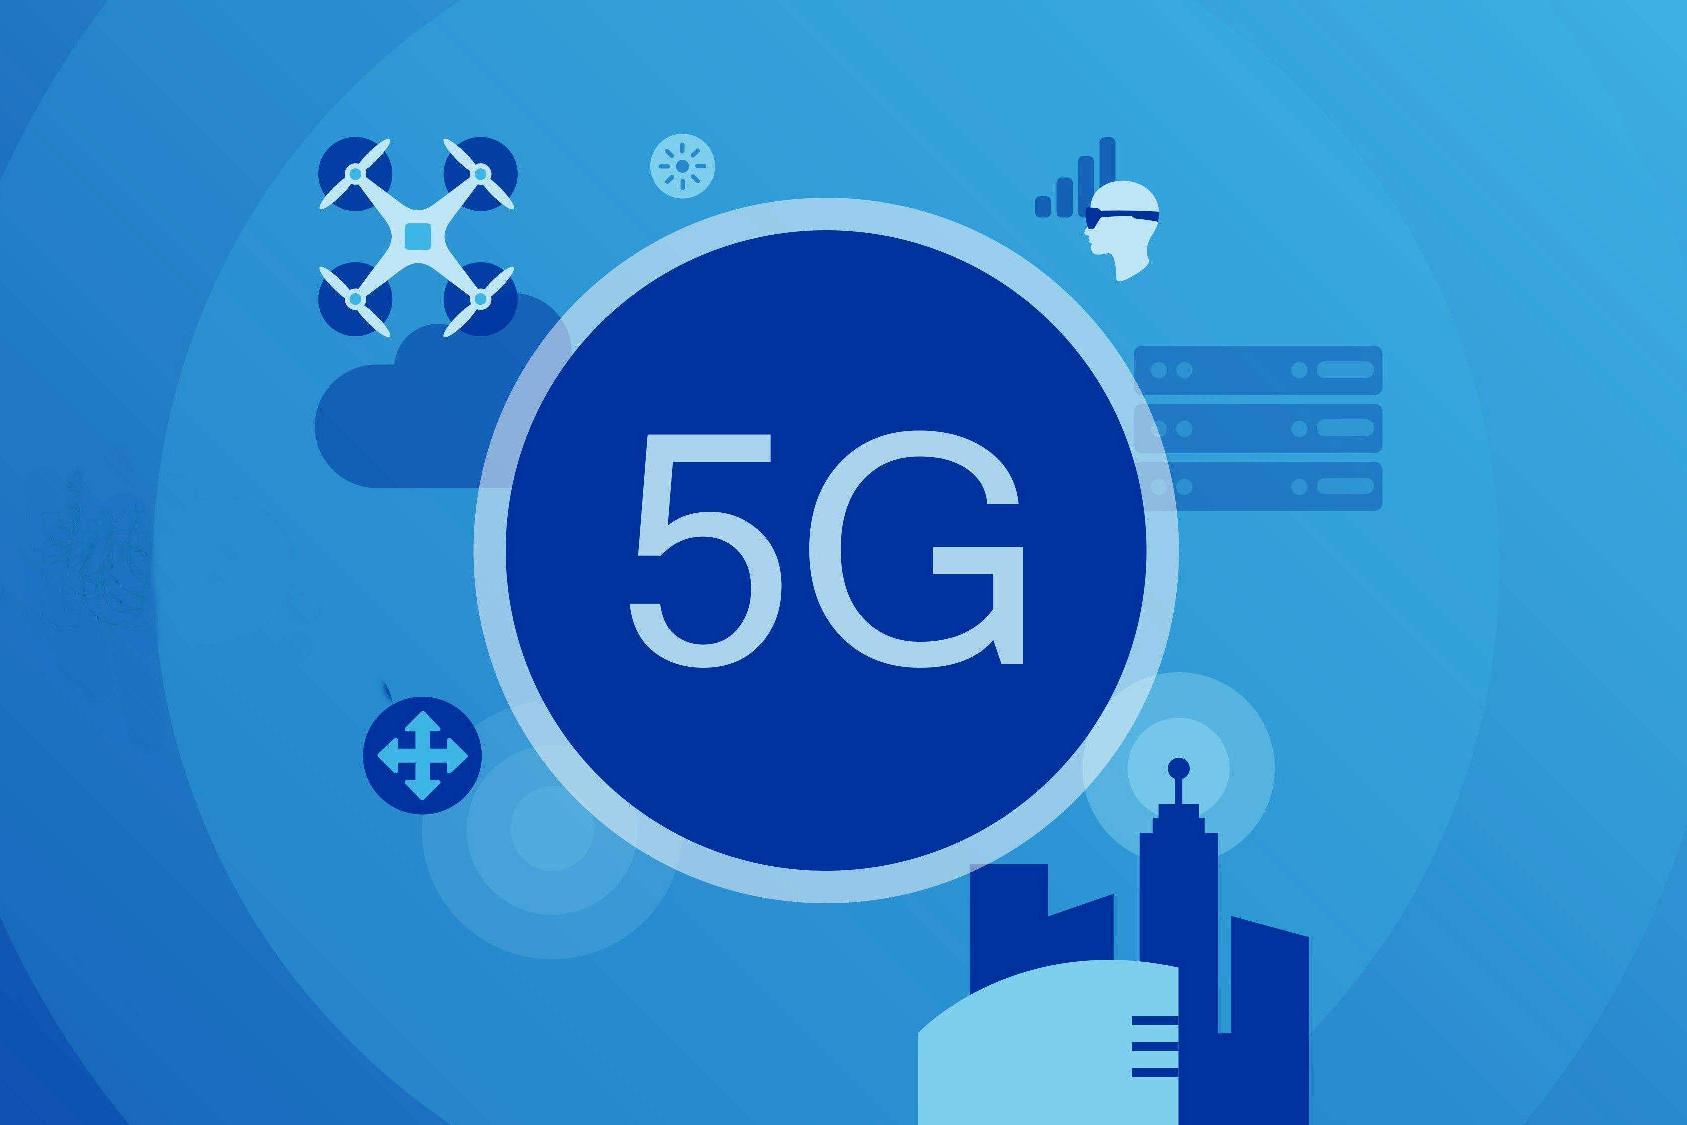 升级有惊喜,5G新标准R16让哪些领域受益?